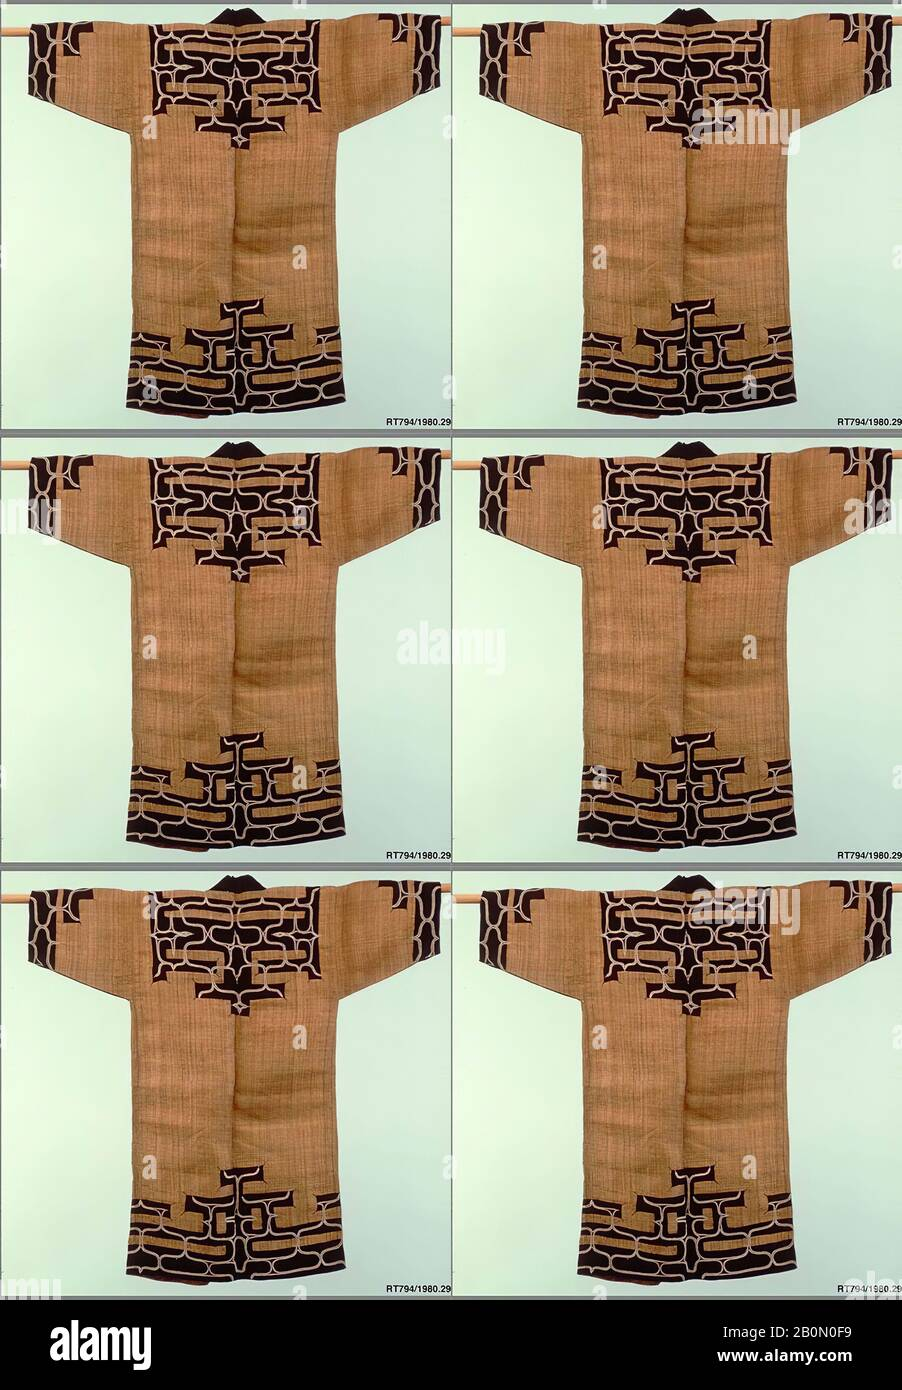 Ainu Robe, Japan, Meiji-Zeit (28-1912), Datum 19. Jahrhundert, Japan, Elm-Rinde-Faser mit Applikation von Indigo-gefärbtem Tabby (atsushi), 48 x 25 Zoll. (121,92 x 63,50 cm), Textil-Kostüme Stockfoto